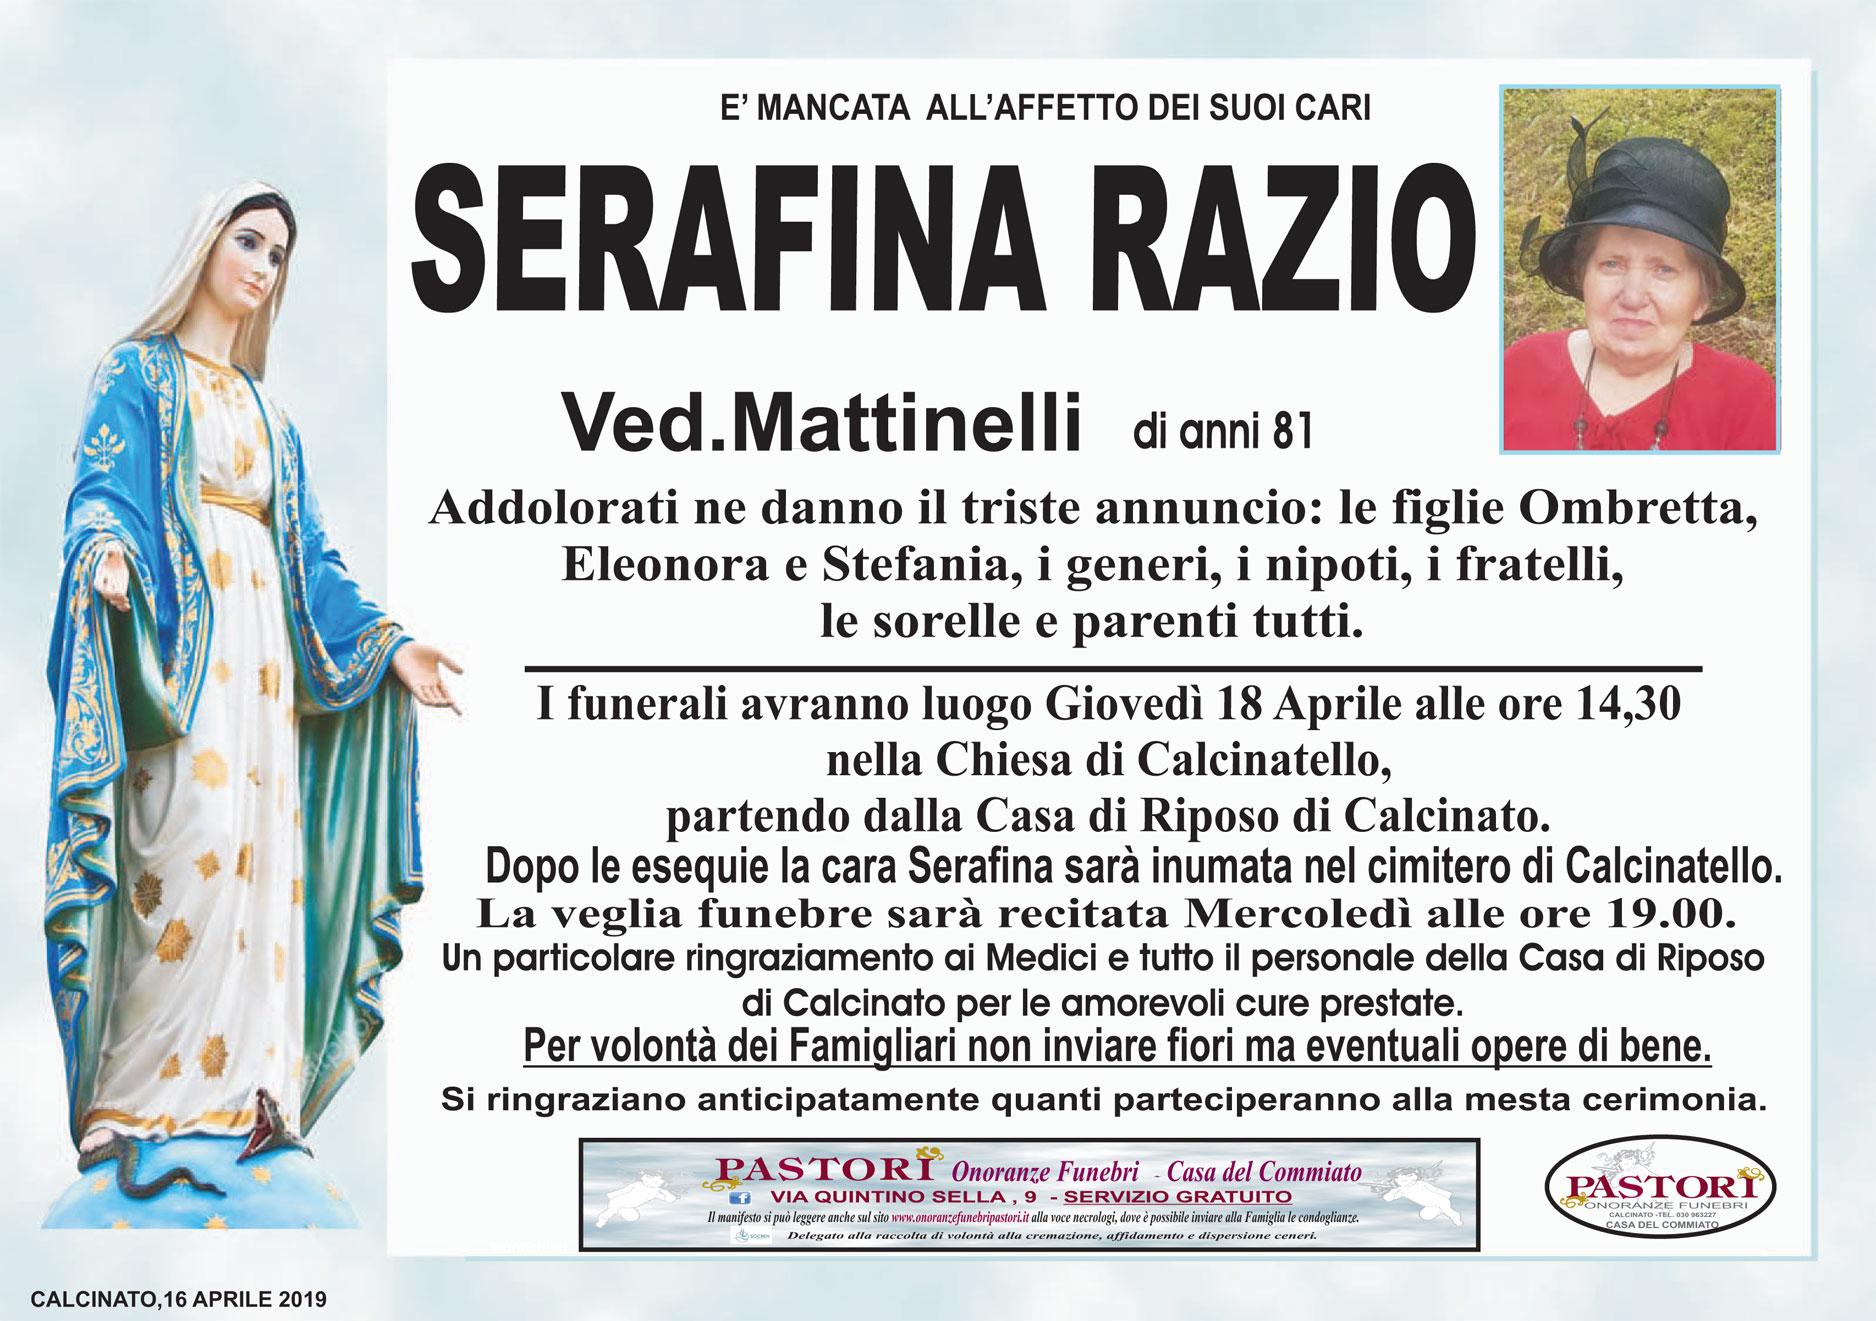 Serafina Razio